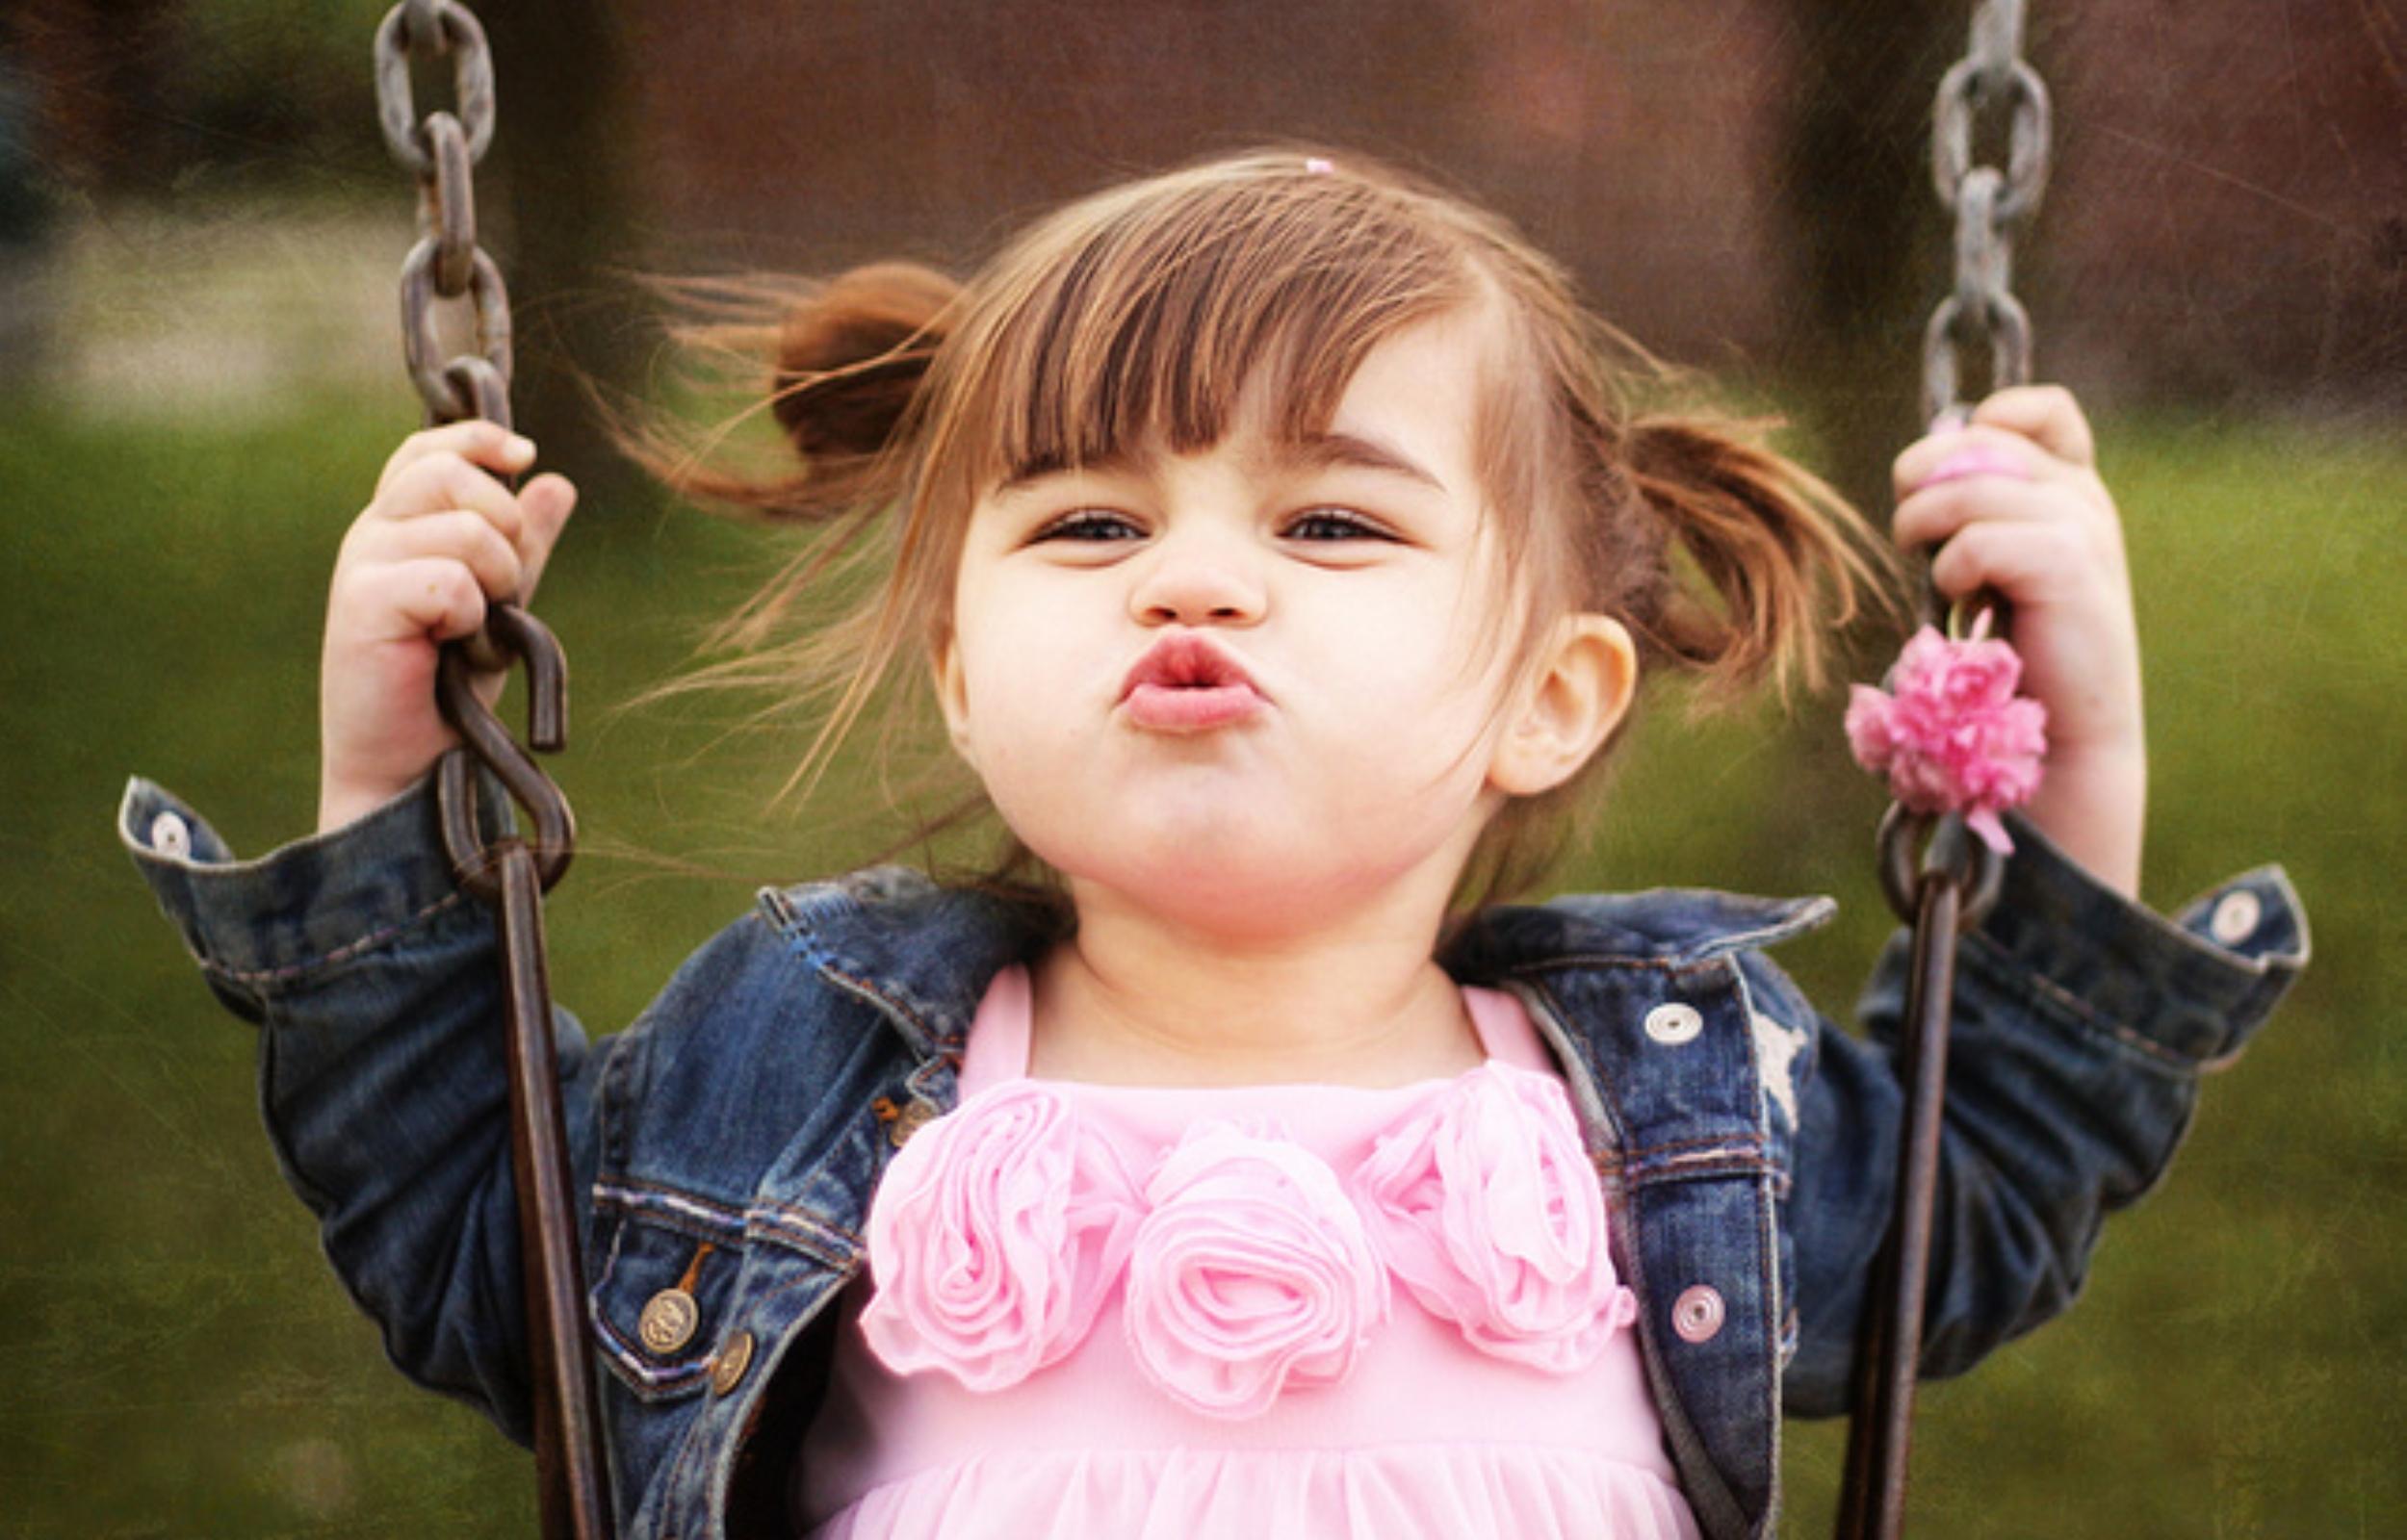 Yêu cầu cấp dưỡng cho con ngoài giá thú